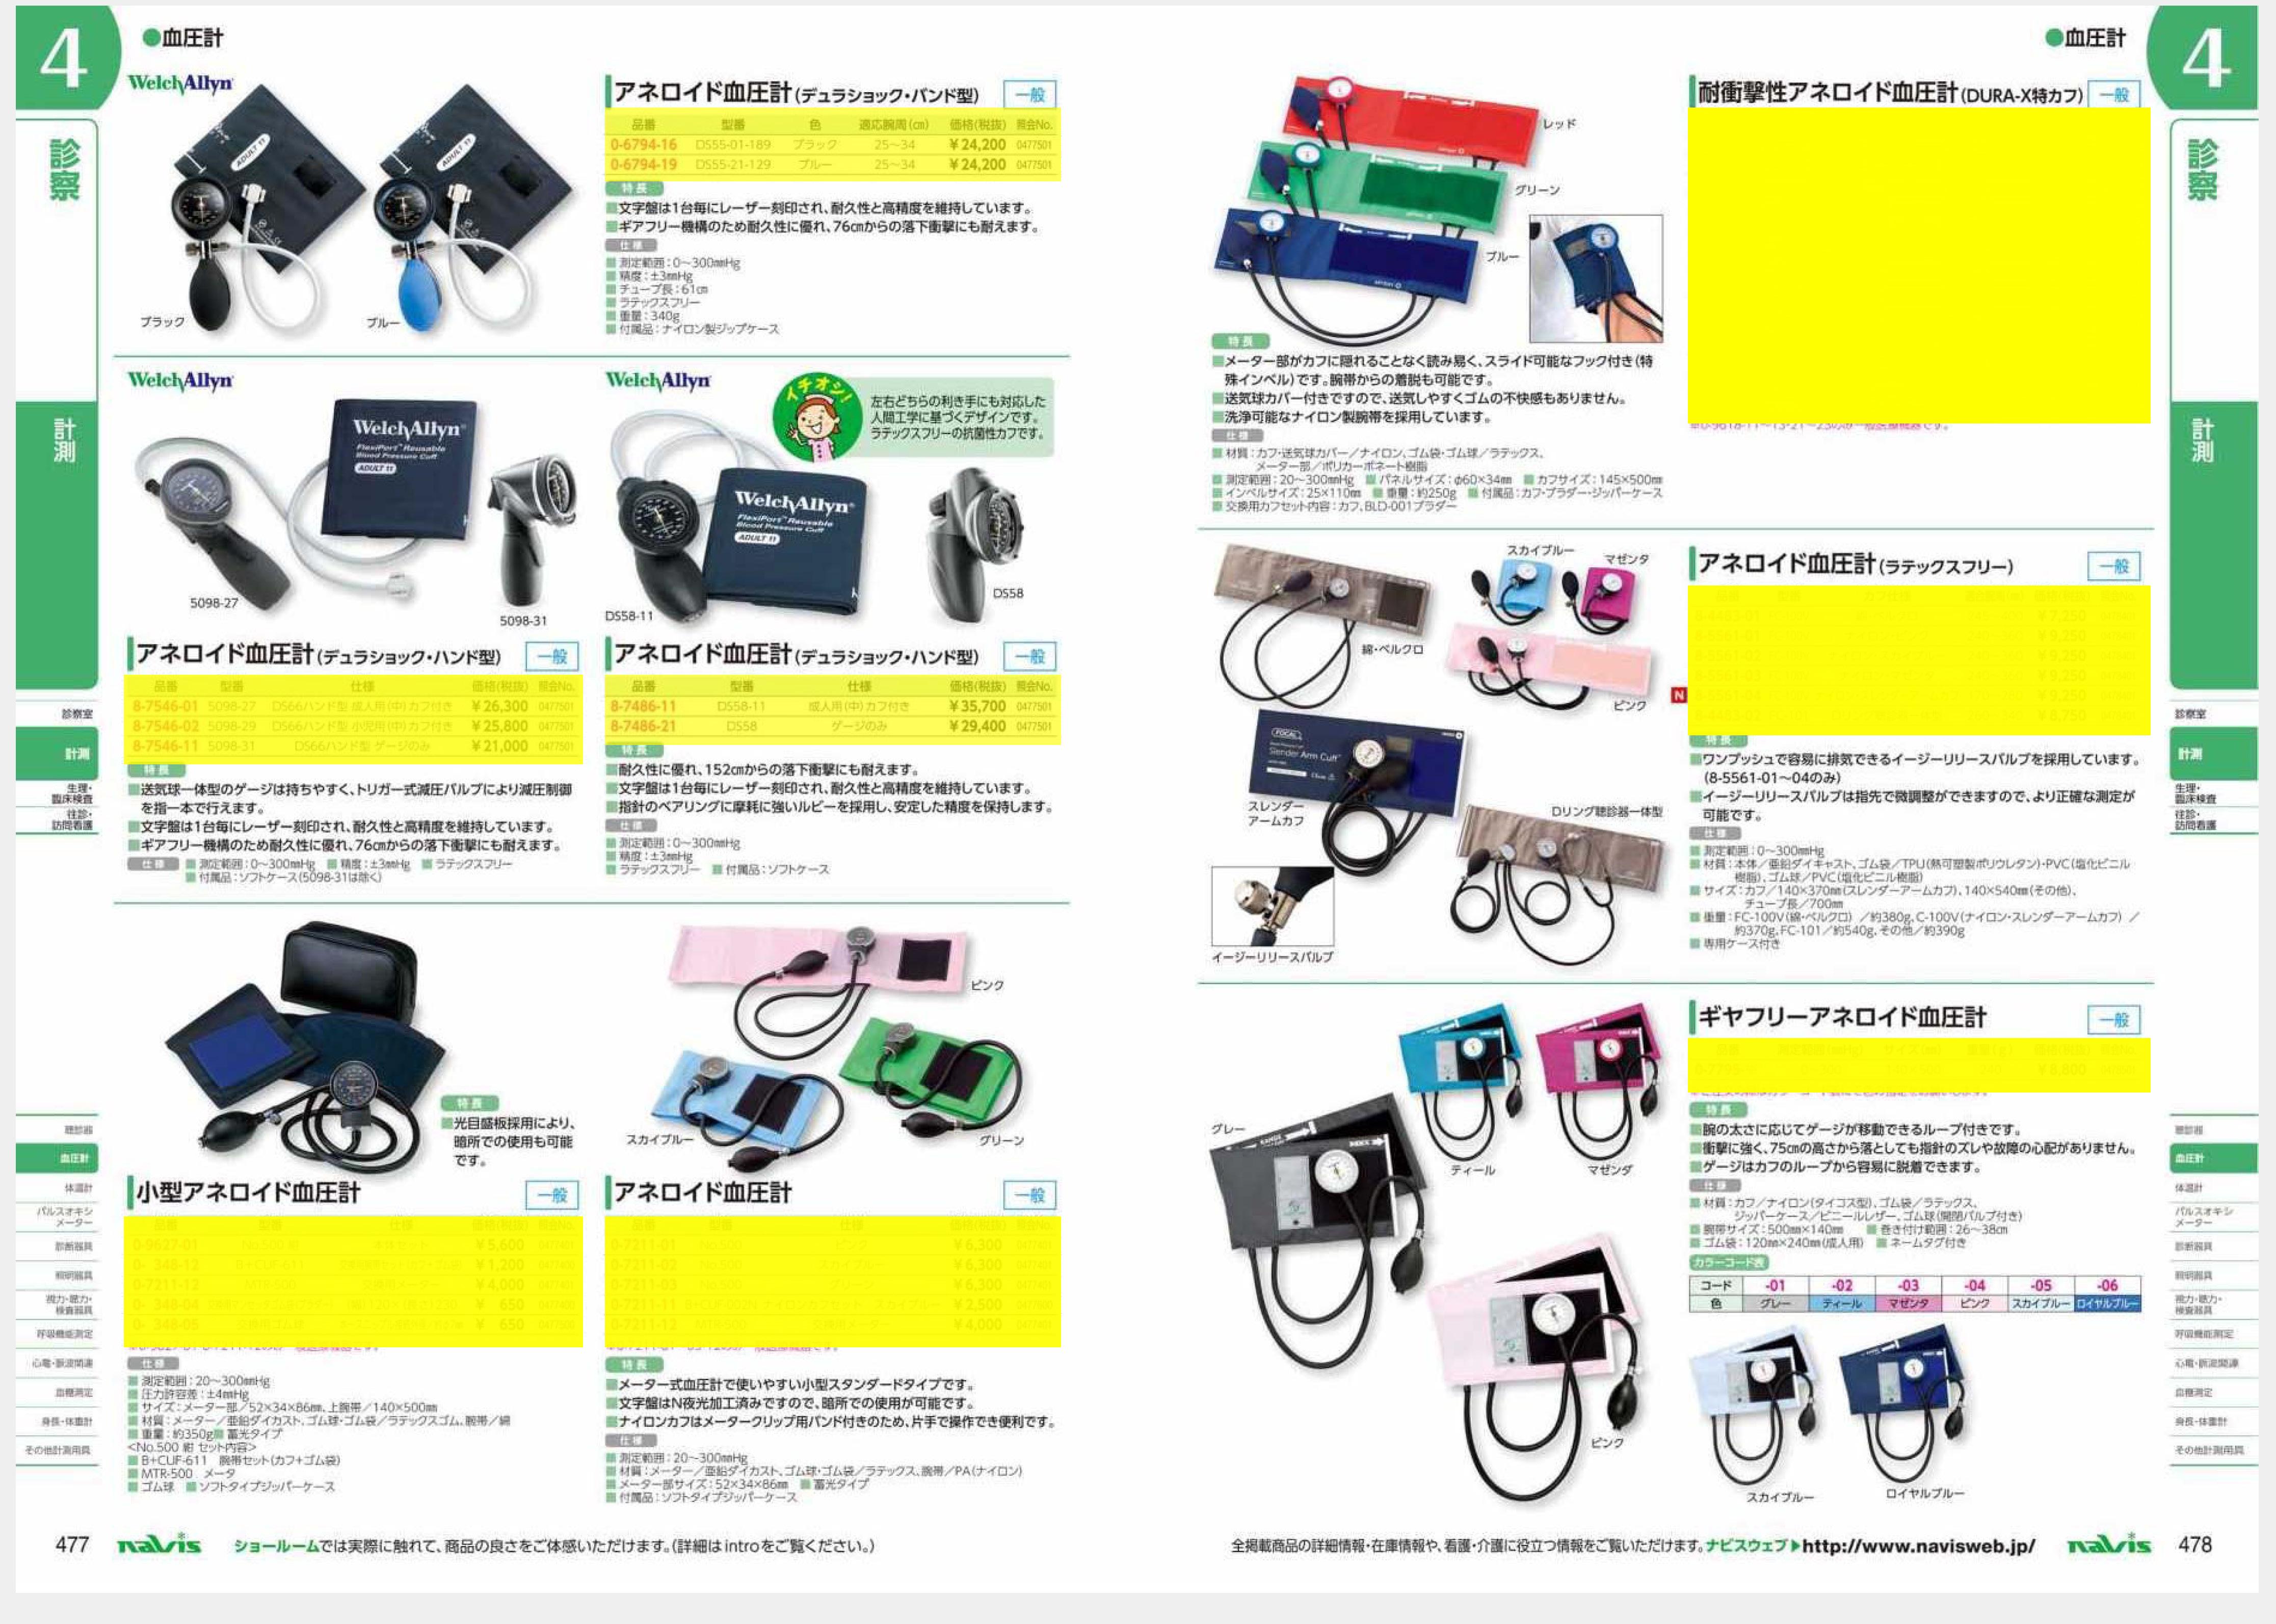 ナビス50000 0-7795-02 ギヤフリーアネロイド血圧計 ティール[個](as1-0-7795-02)